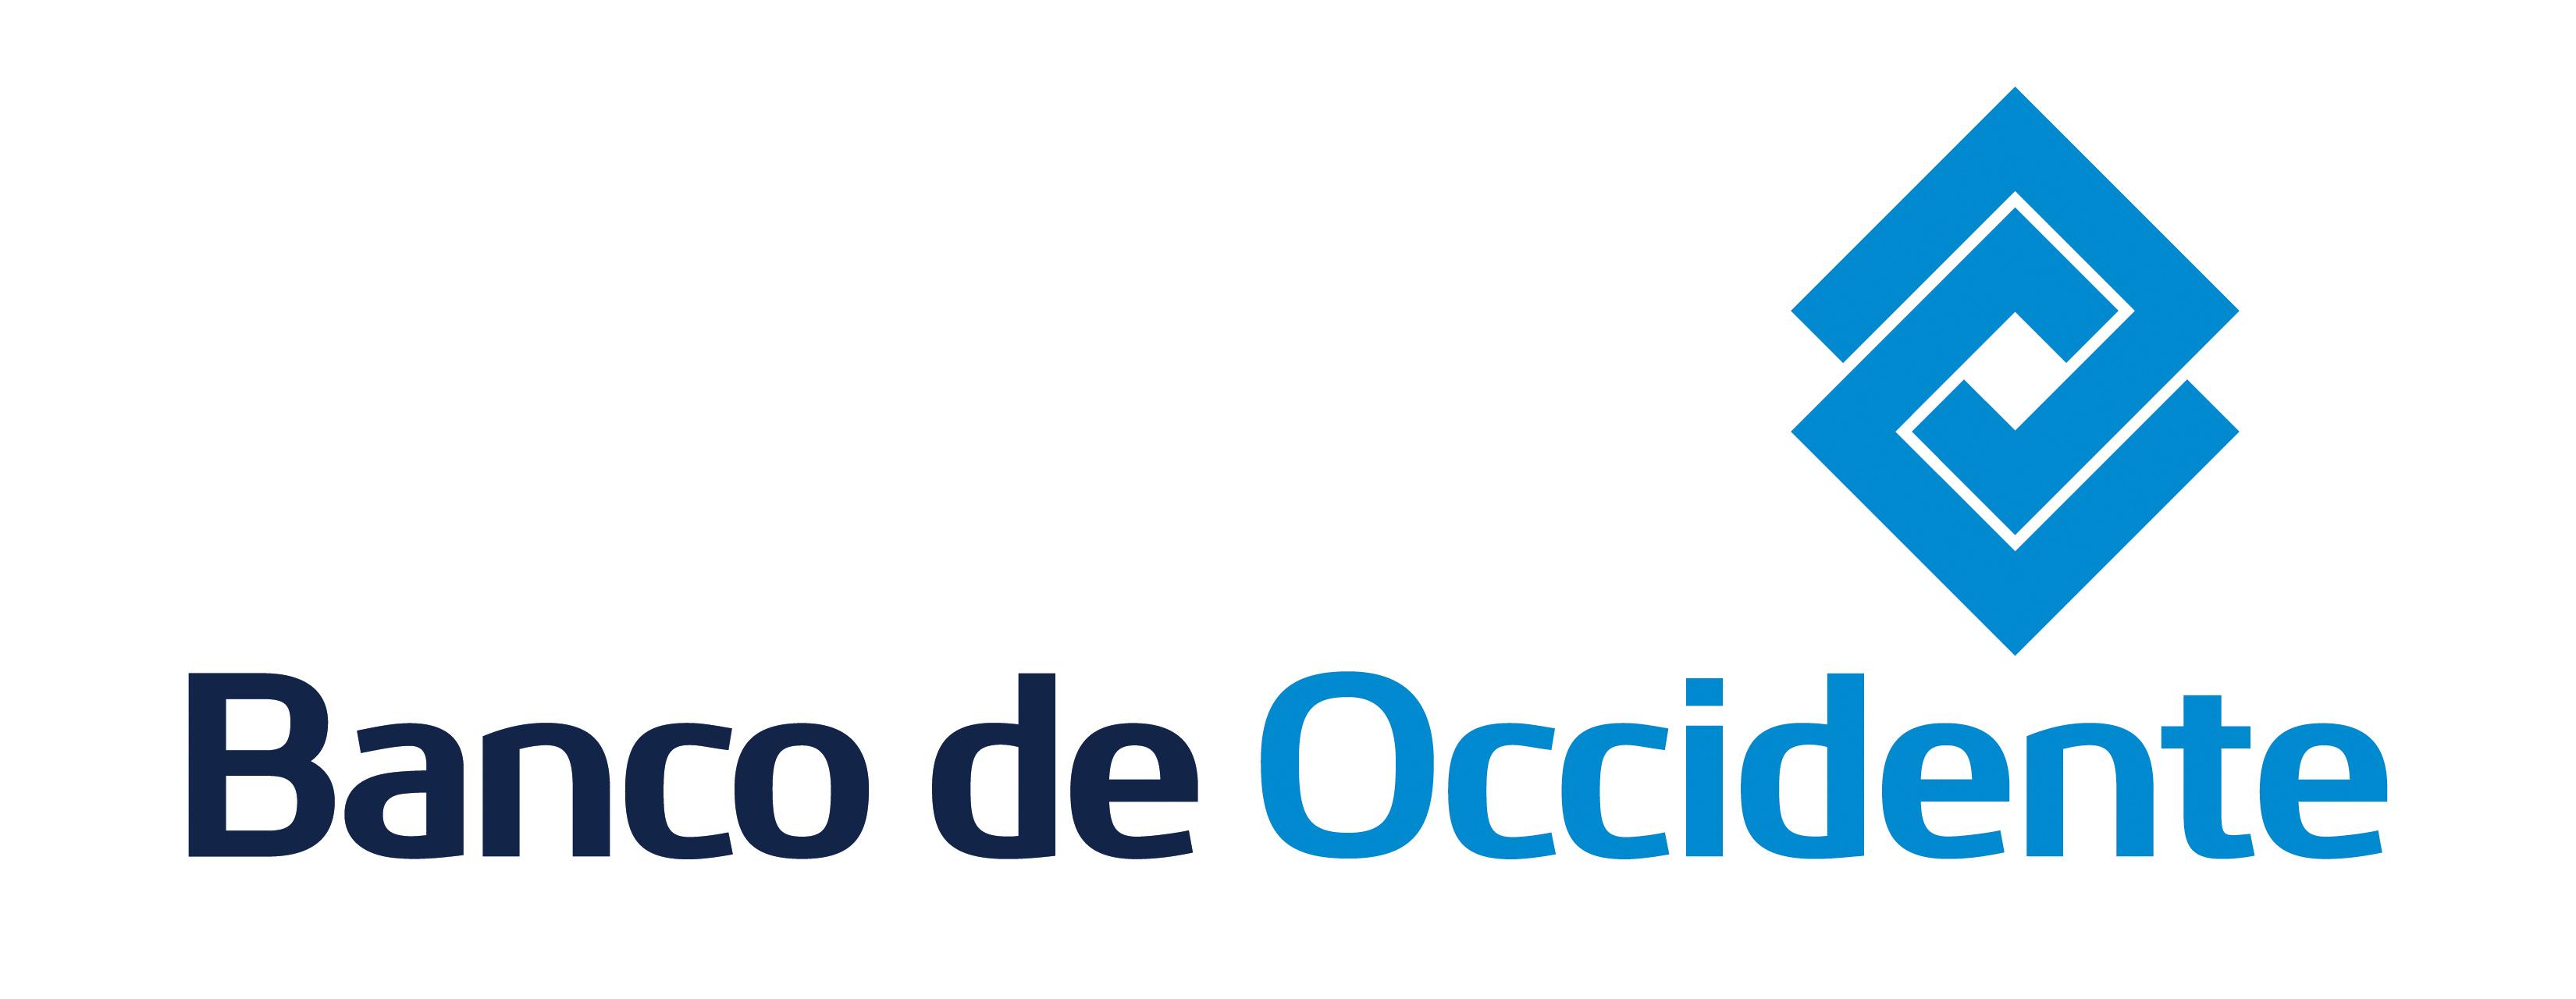 Banco de Occidente S.A. Logo photo - 1